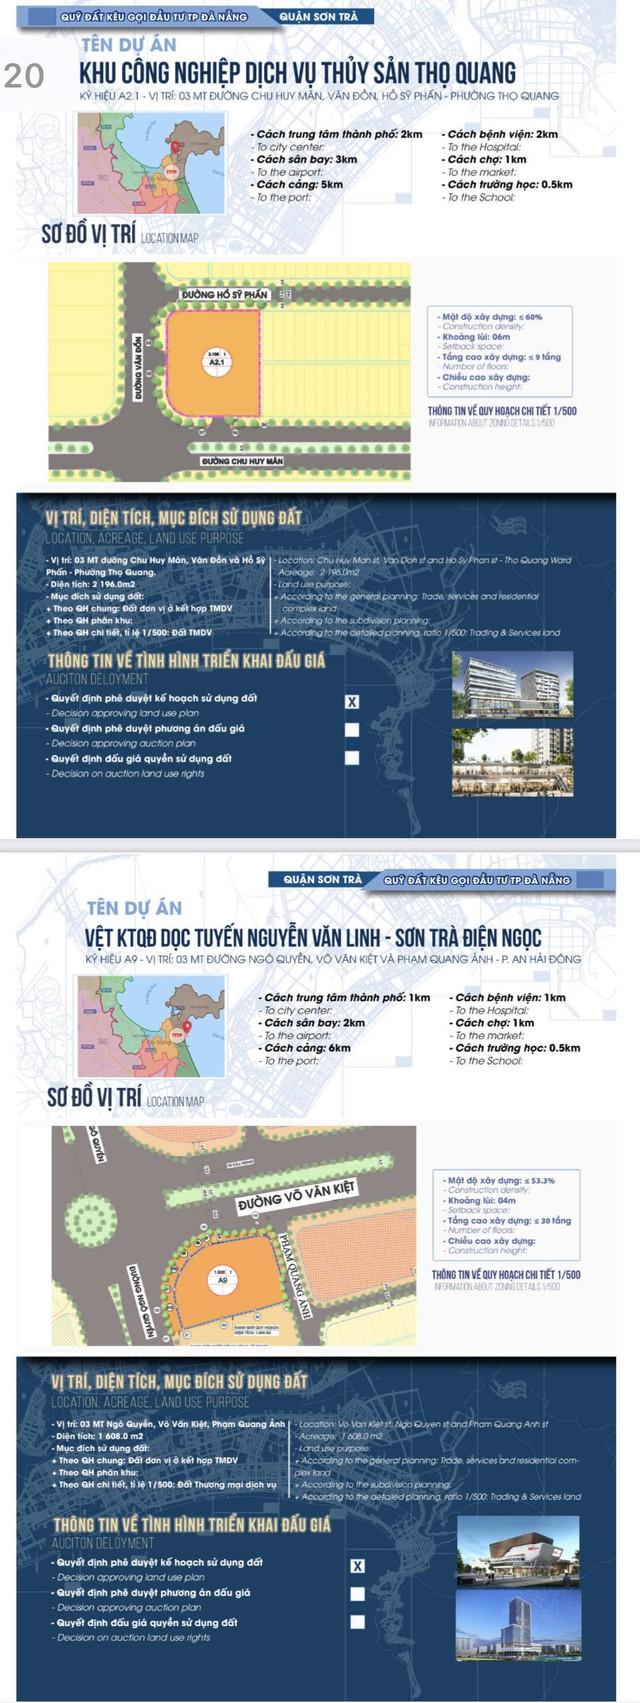 Sau sốt đất, Đà Nẵng bất ngờ công bố chi tiết 22 khu đất sạch kêu gọi đầu tư - Ảnh 10.